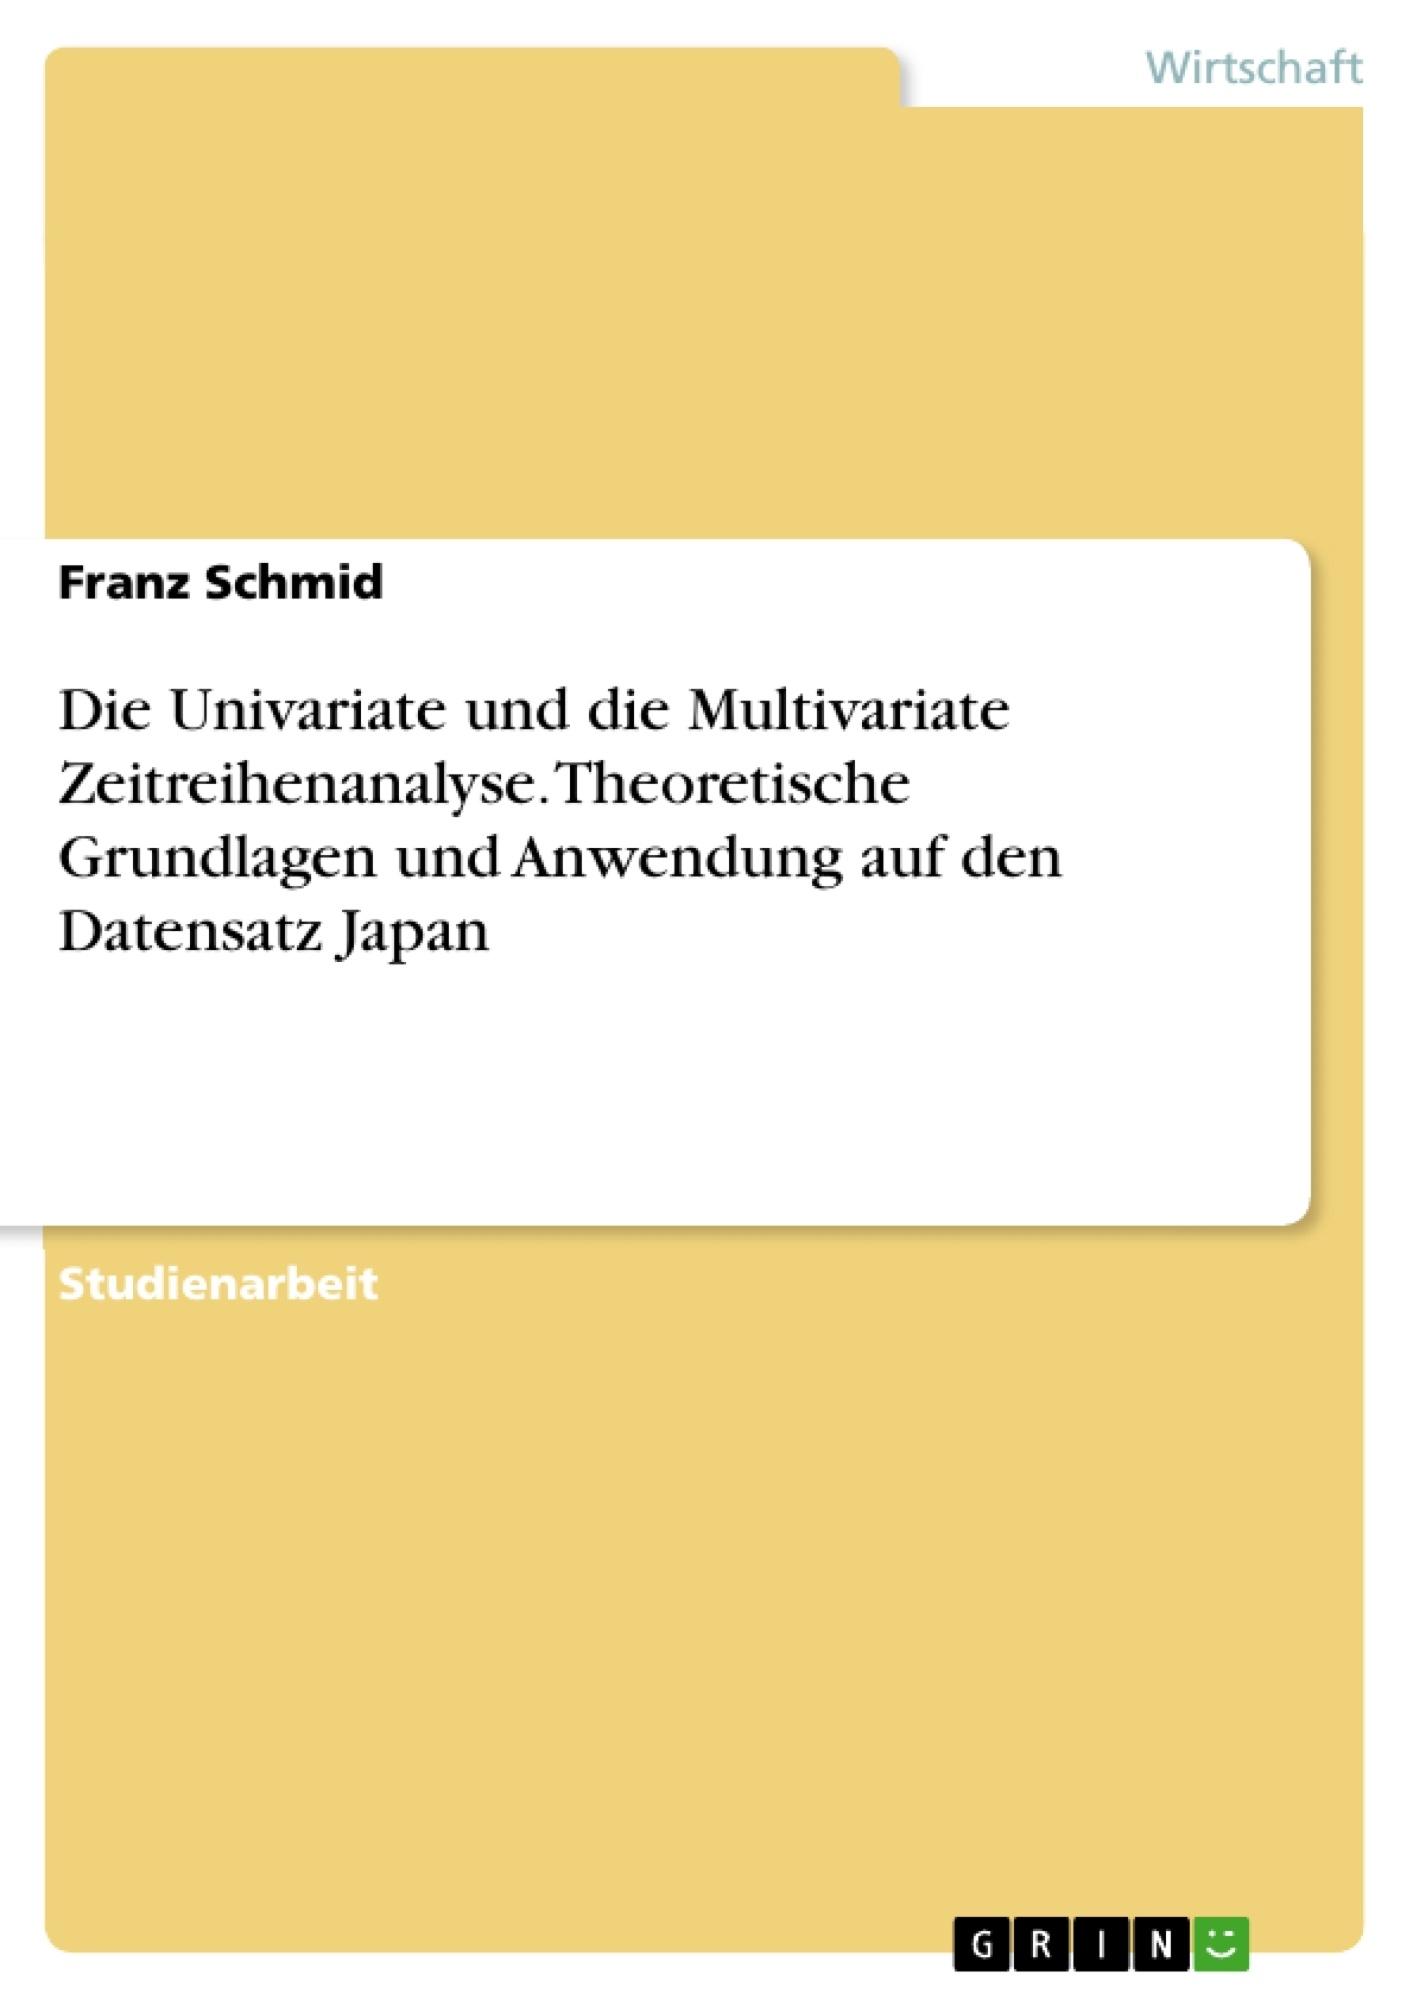 Titel: Die Univariate und die Multivariate Zeitreihenanalyse. Theoretische Grundlagen und Anwendung auf den Datensatz Japan